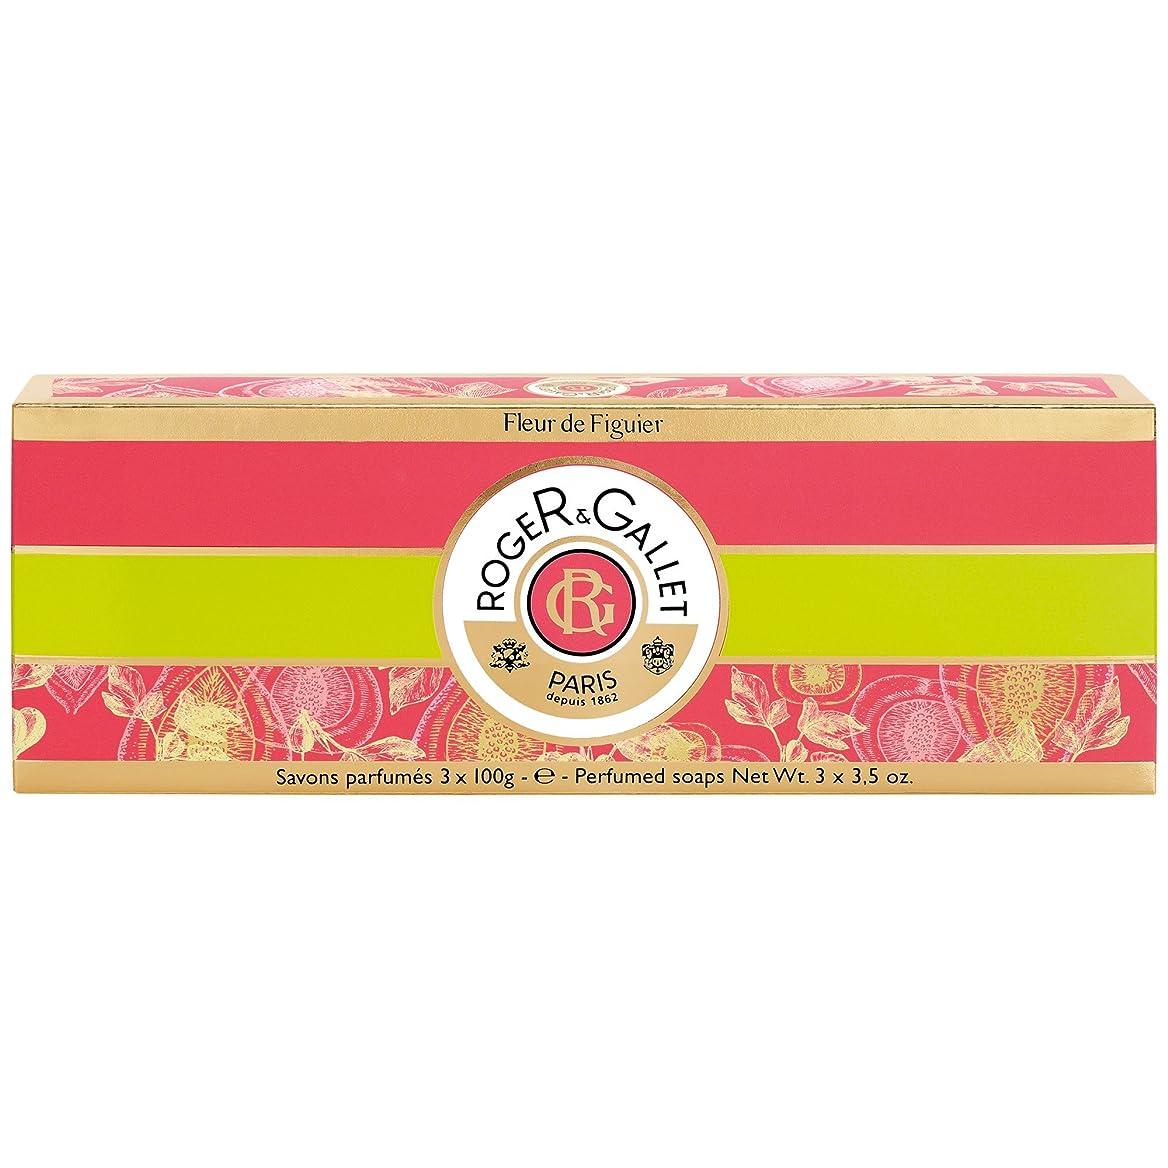 甘い類人猿数値ロジャー&Galletのフルール?ド?フィギエソープコフレ3×100グラム (Roger & Gallet) (x2) - Roger & Gallet Fleur de Figuier Soap Coffret 3 x 100g (Pack of 2) [並行輸入品]